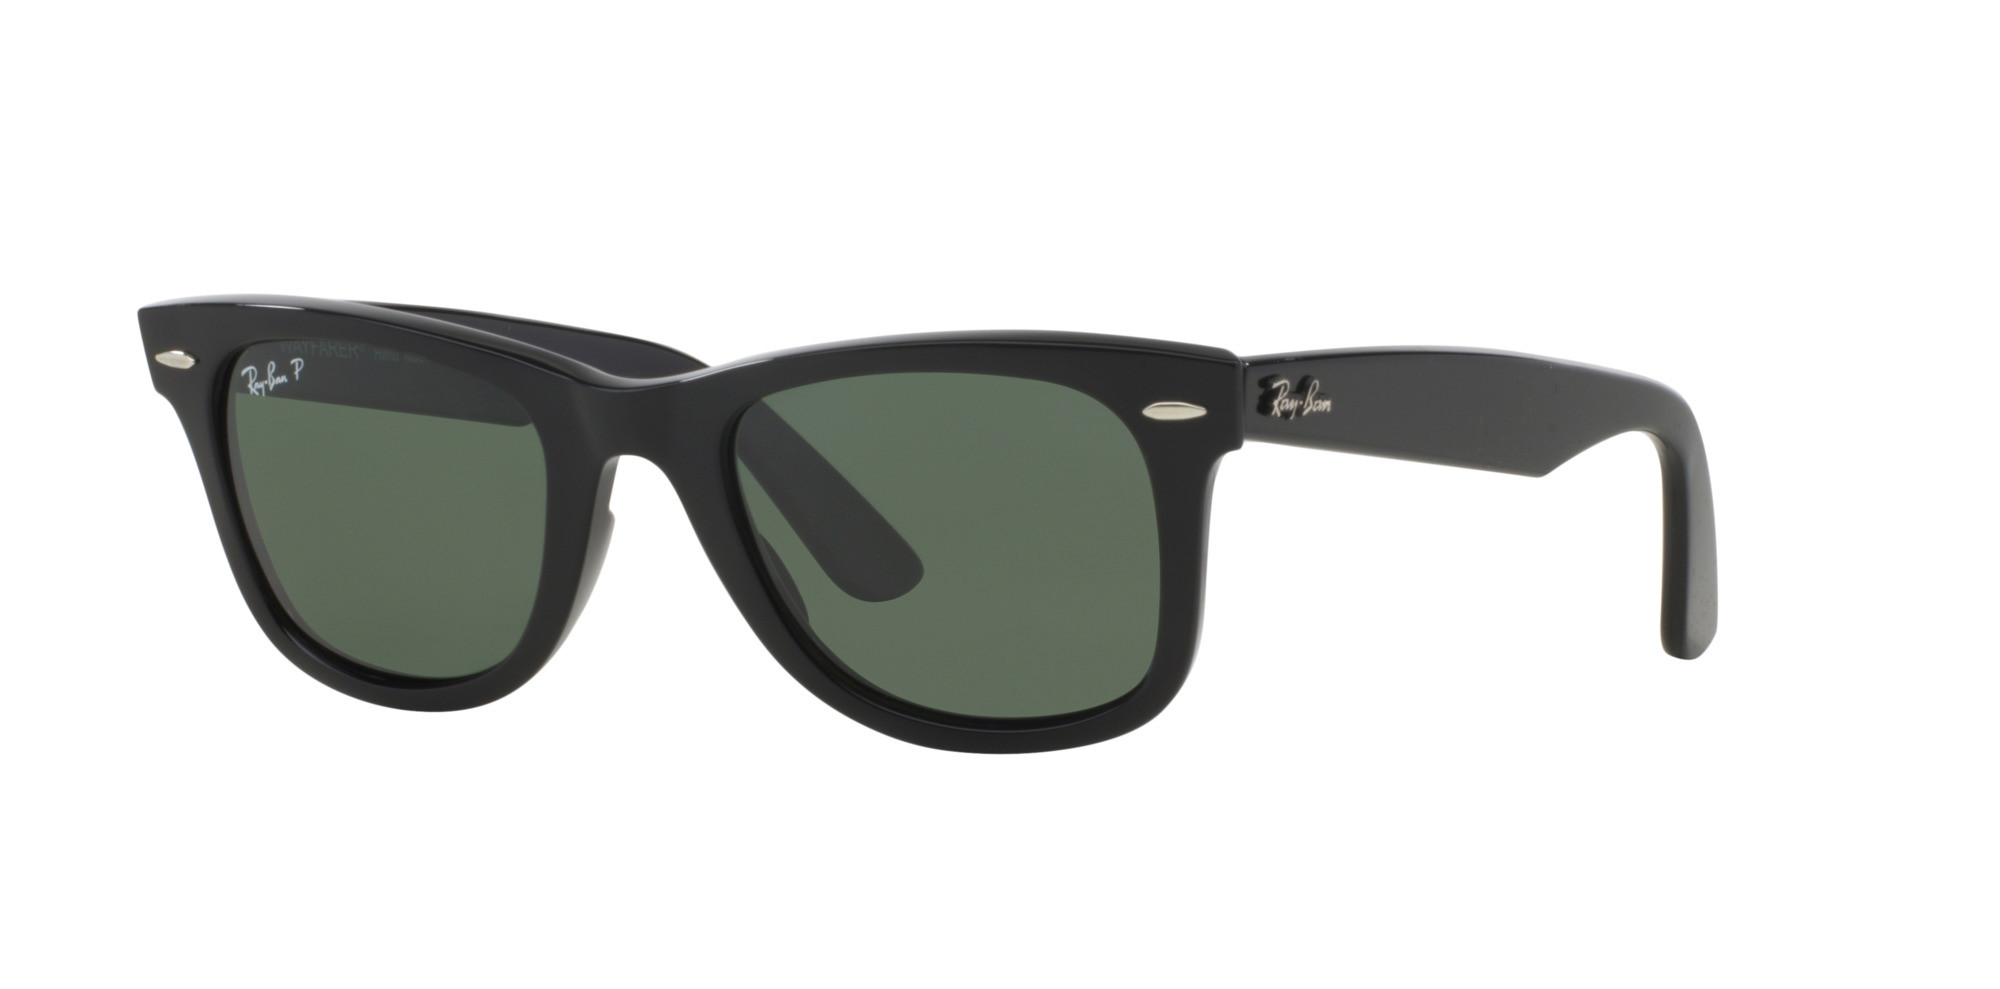 gafas de sol RAY-BAN RB 2140 901/58 WAYFARER POLARIZADAS